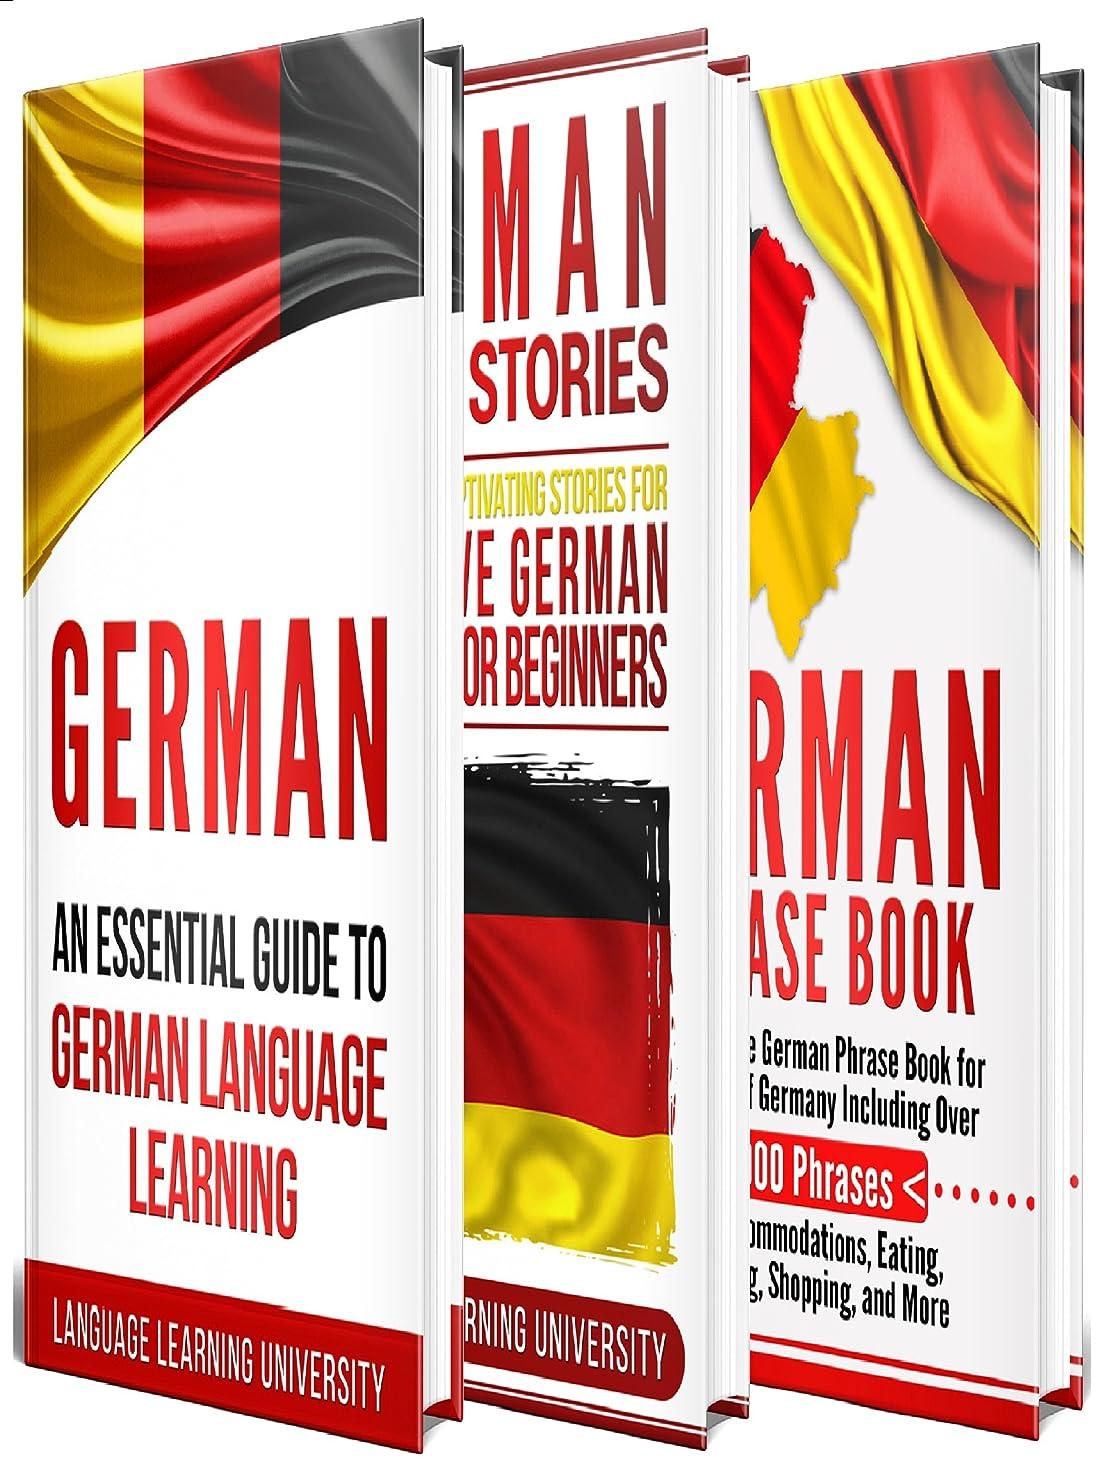 怒る文献ボーカルGerman: Learn German For Beginners Including German Grammar, German Short Stories and 1000+ German Phrases (English Edition)